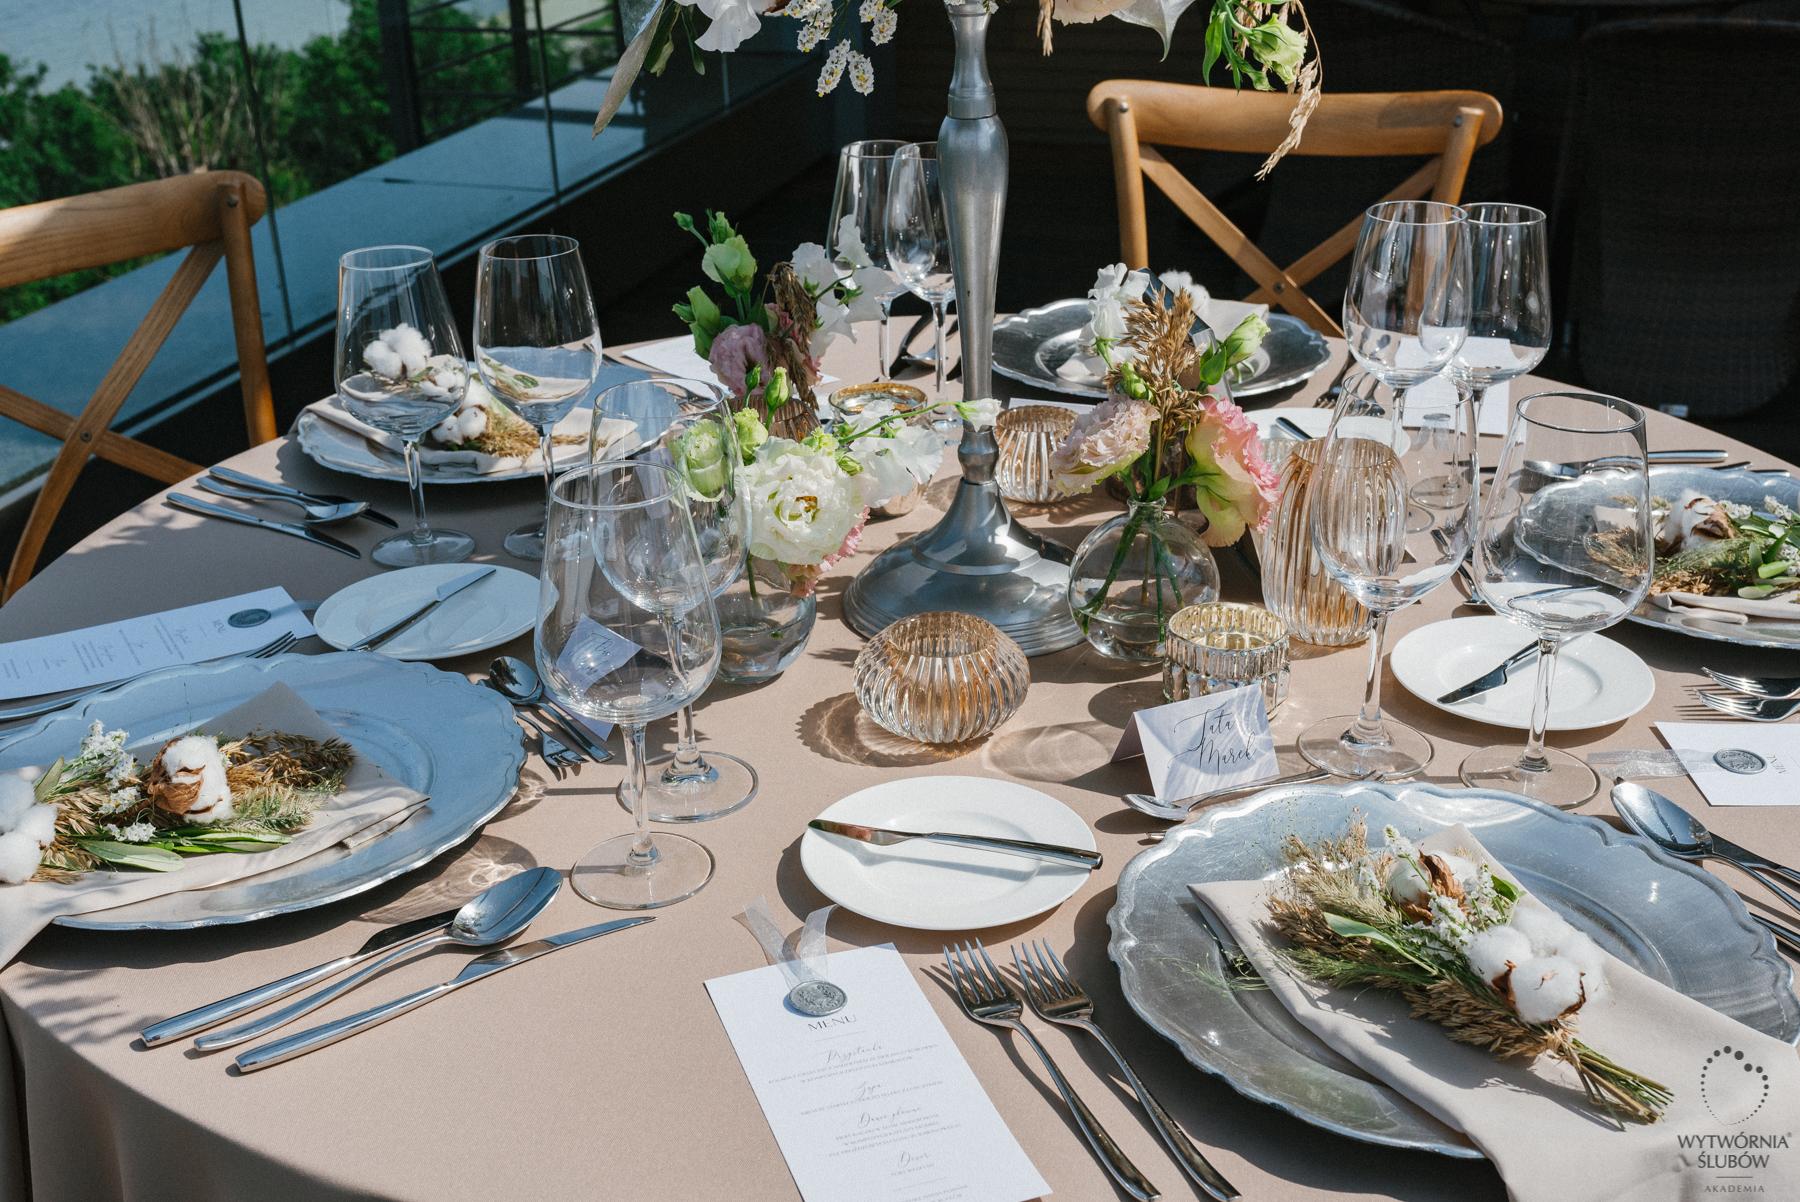 ozdoby stołu - stoły weselne